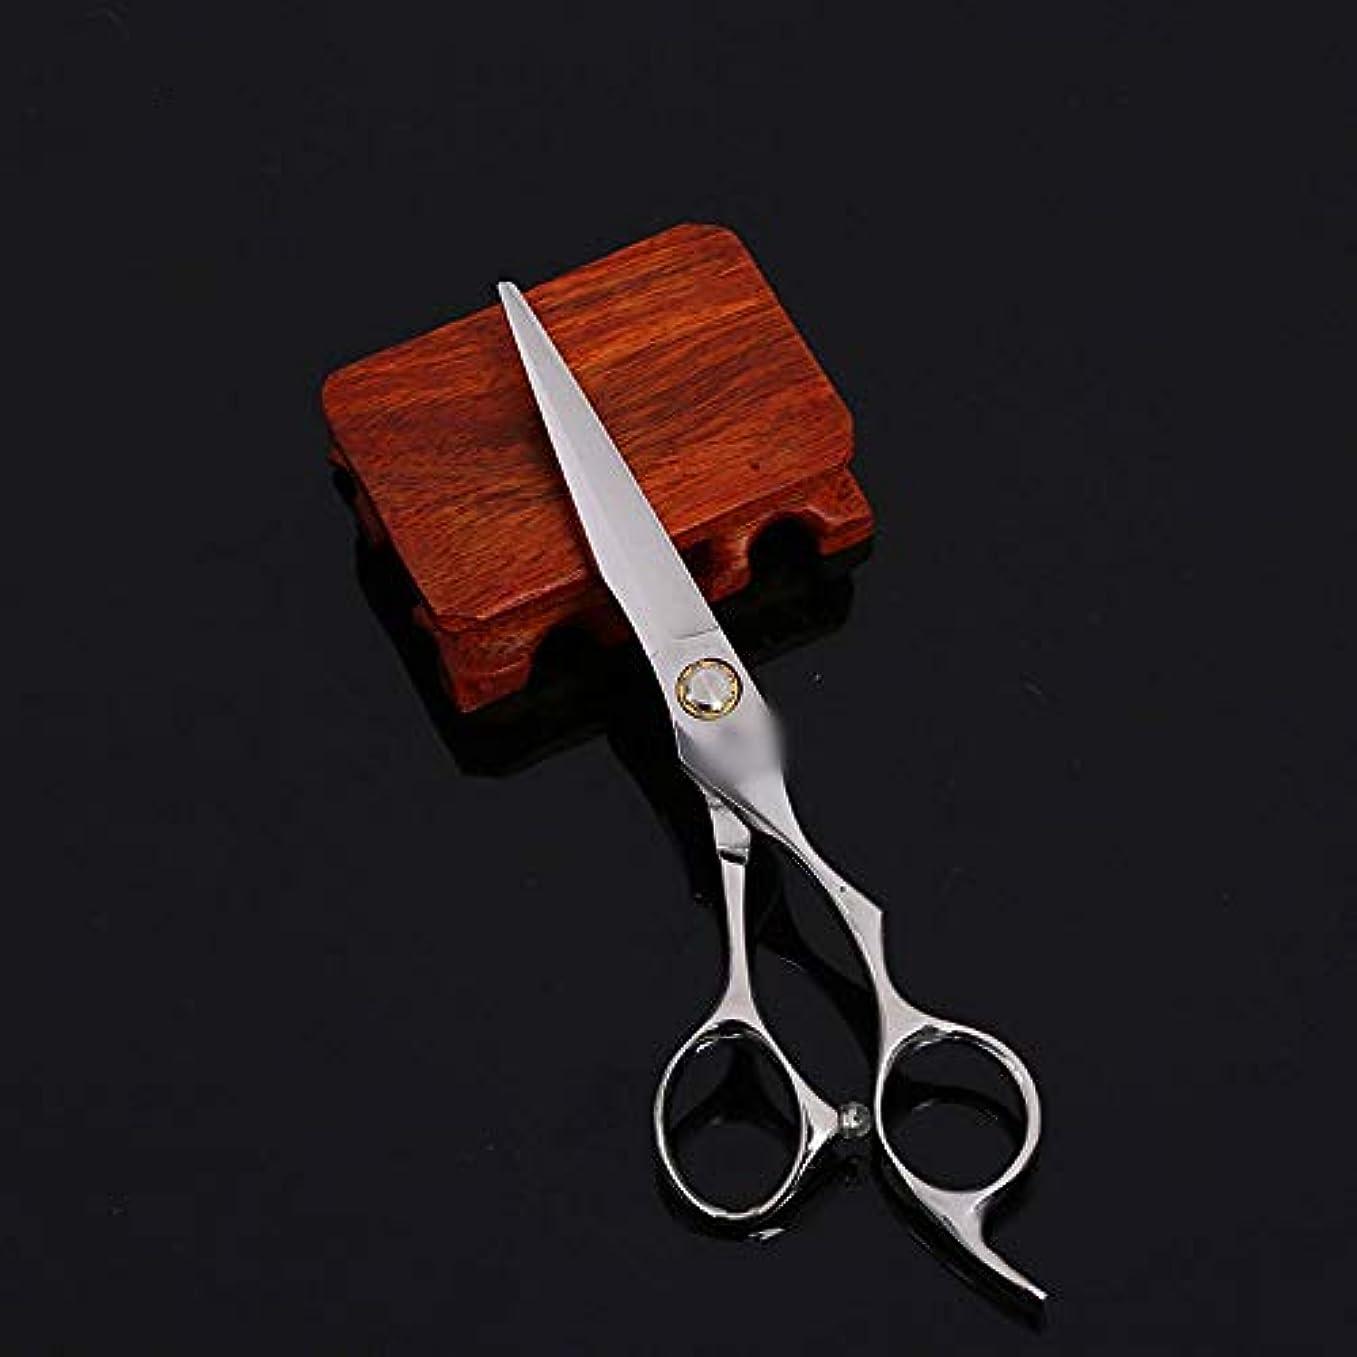 古くなった助言干渉BOBIDYEE 6インチ美容院プロフェッショナルハイエンド理髪はさみフラットシアーヘアカットシザーステンレス理髪はさみ (色 : Silver)